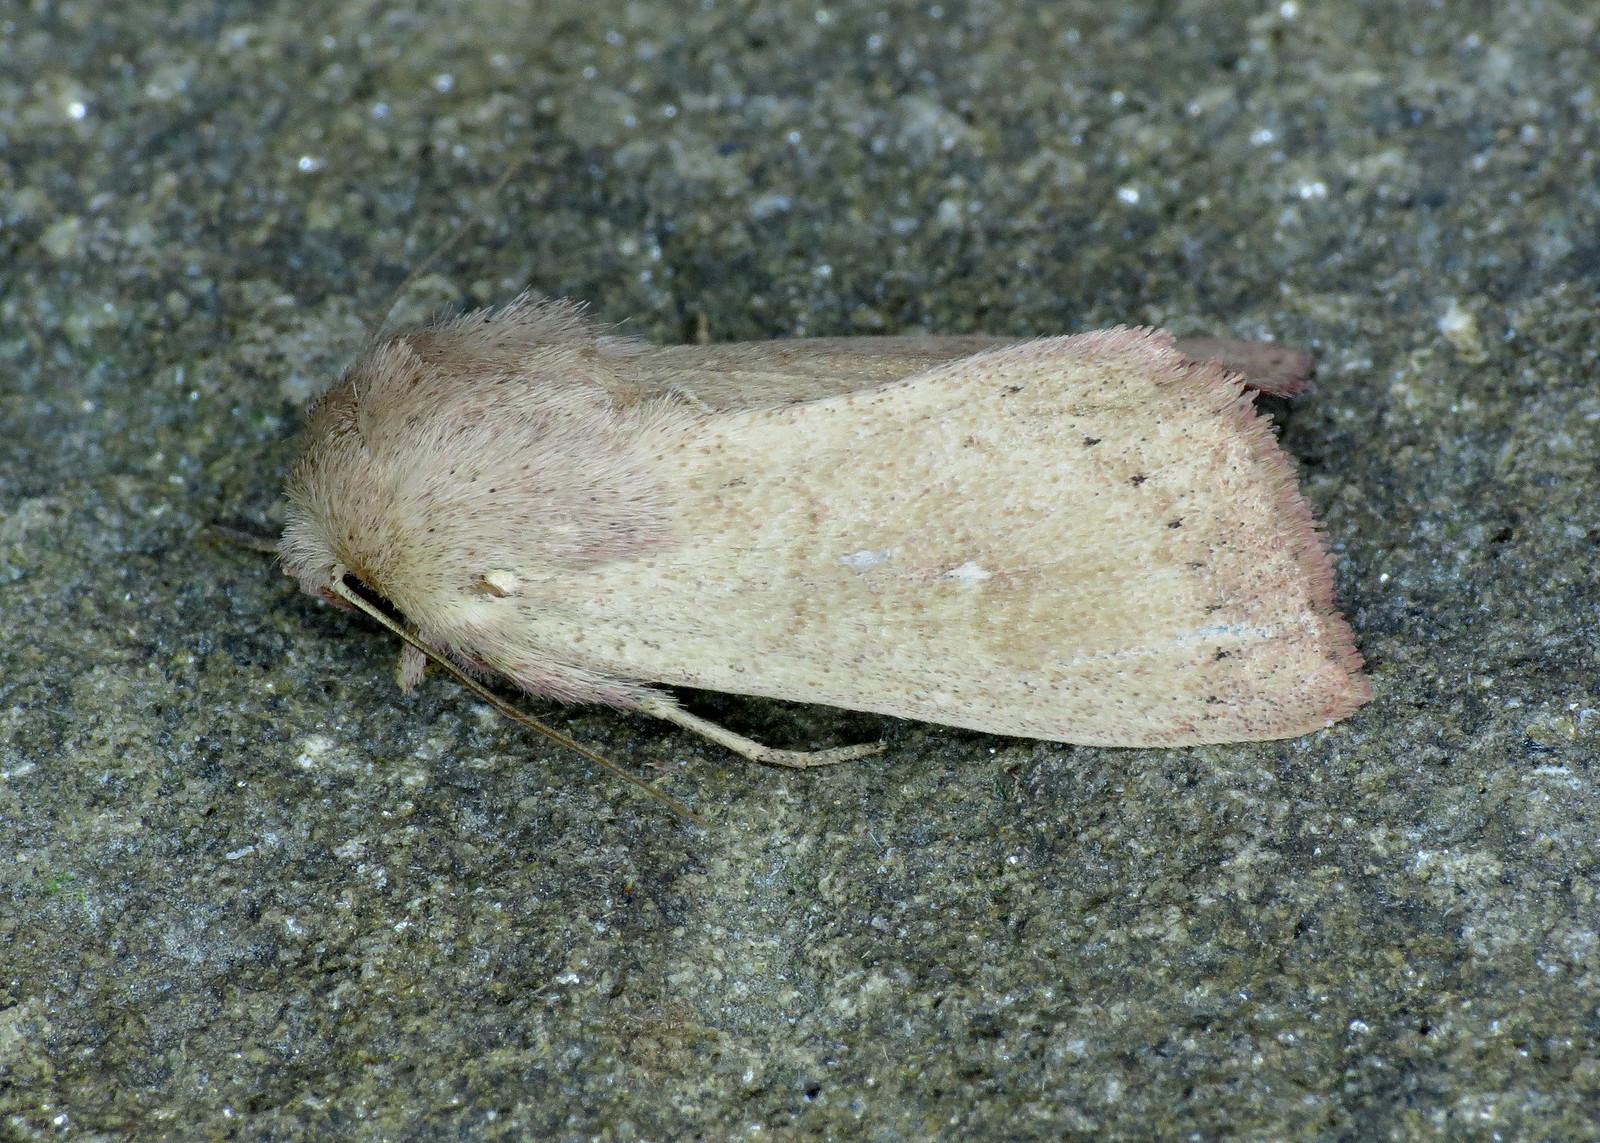 2193 The Clay - Mythimna ferrago